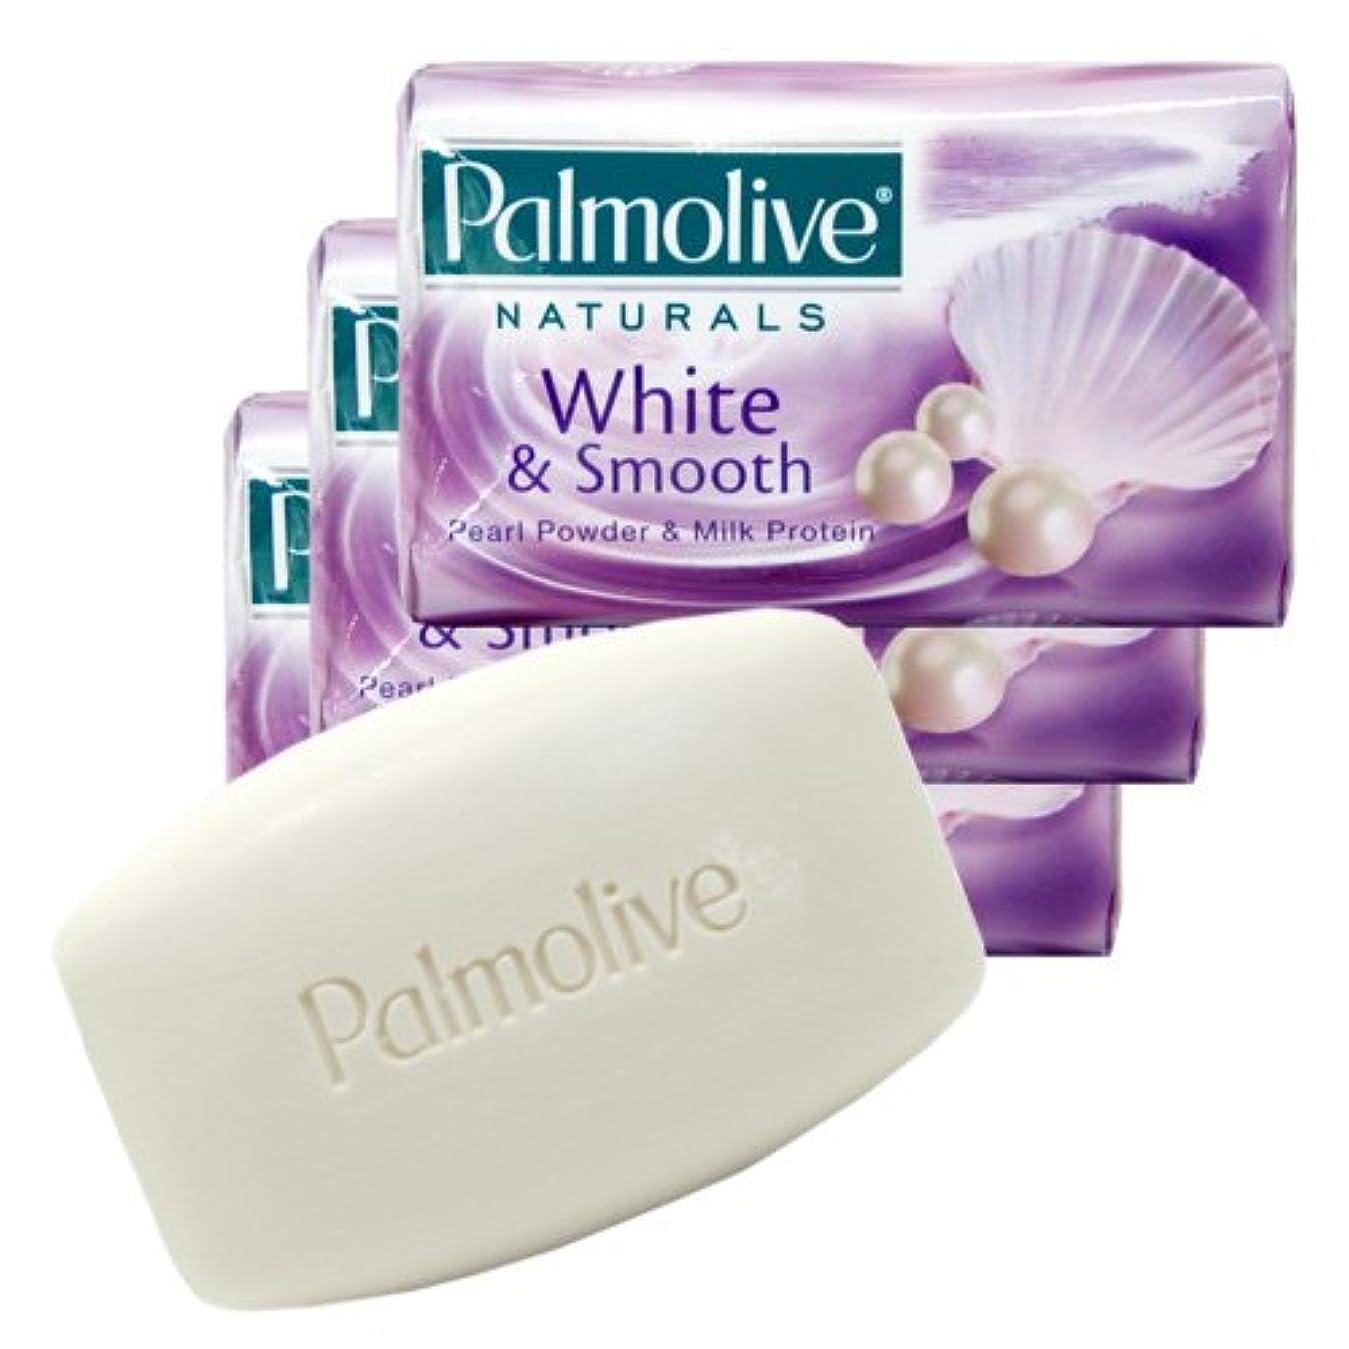 お気に入り欺く電報【Palmolive】パルモリーブ ナチュラルズ石鹸3個パック ホワイト&スムース(パールパウダー&ミルクプロテイン)80g×3